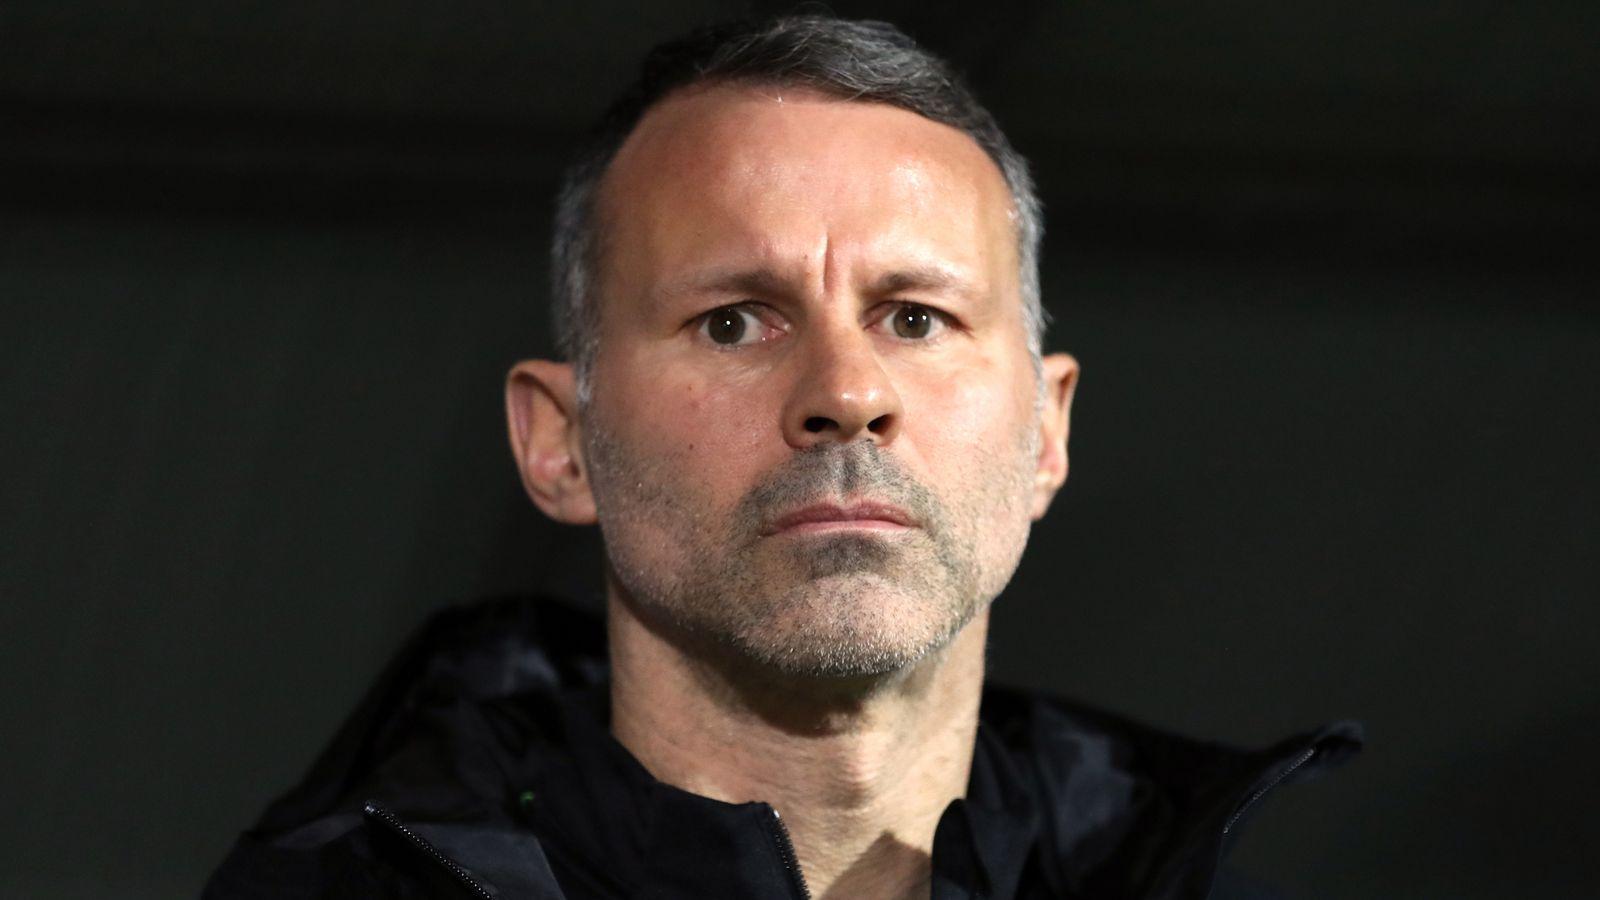 棘手!吉格斯保释期延长,影响威尔士队备战世界杯预选赛